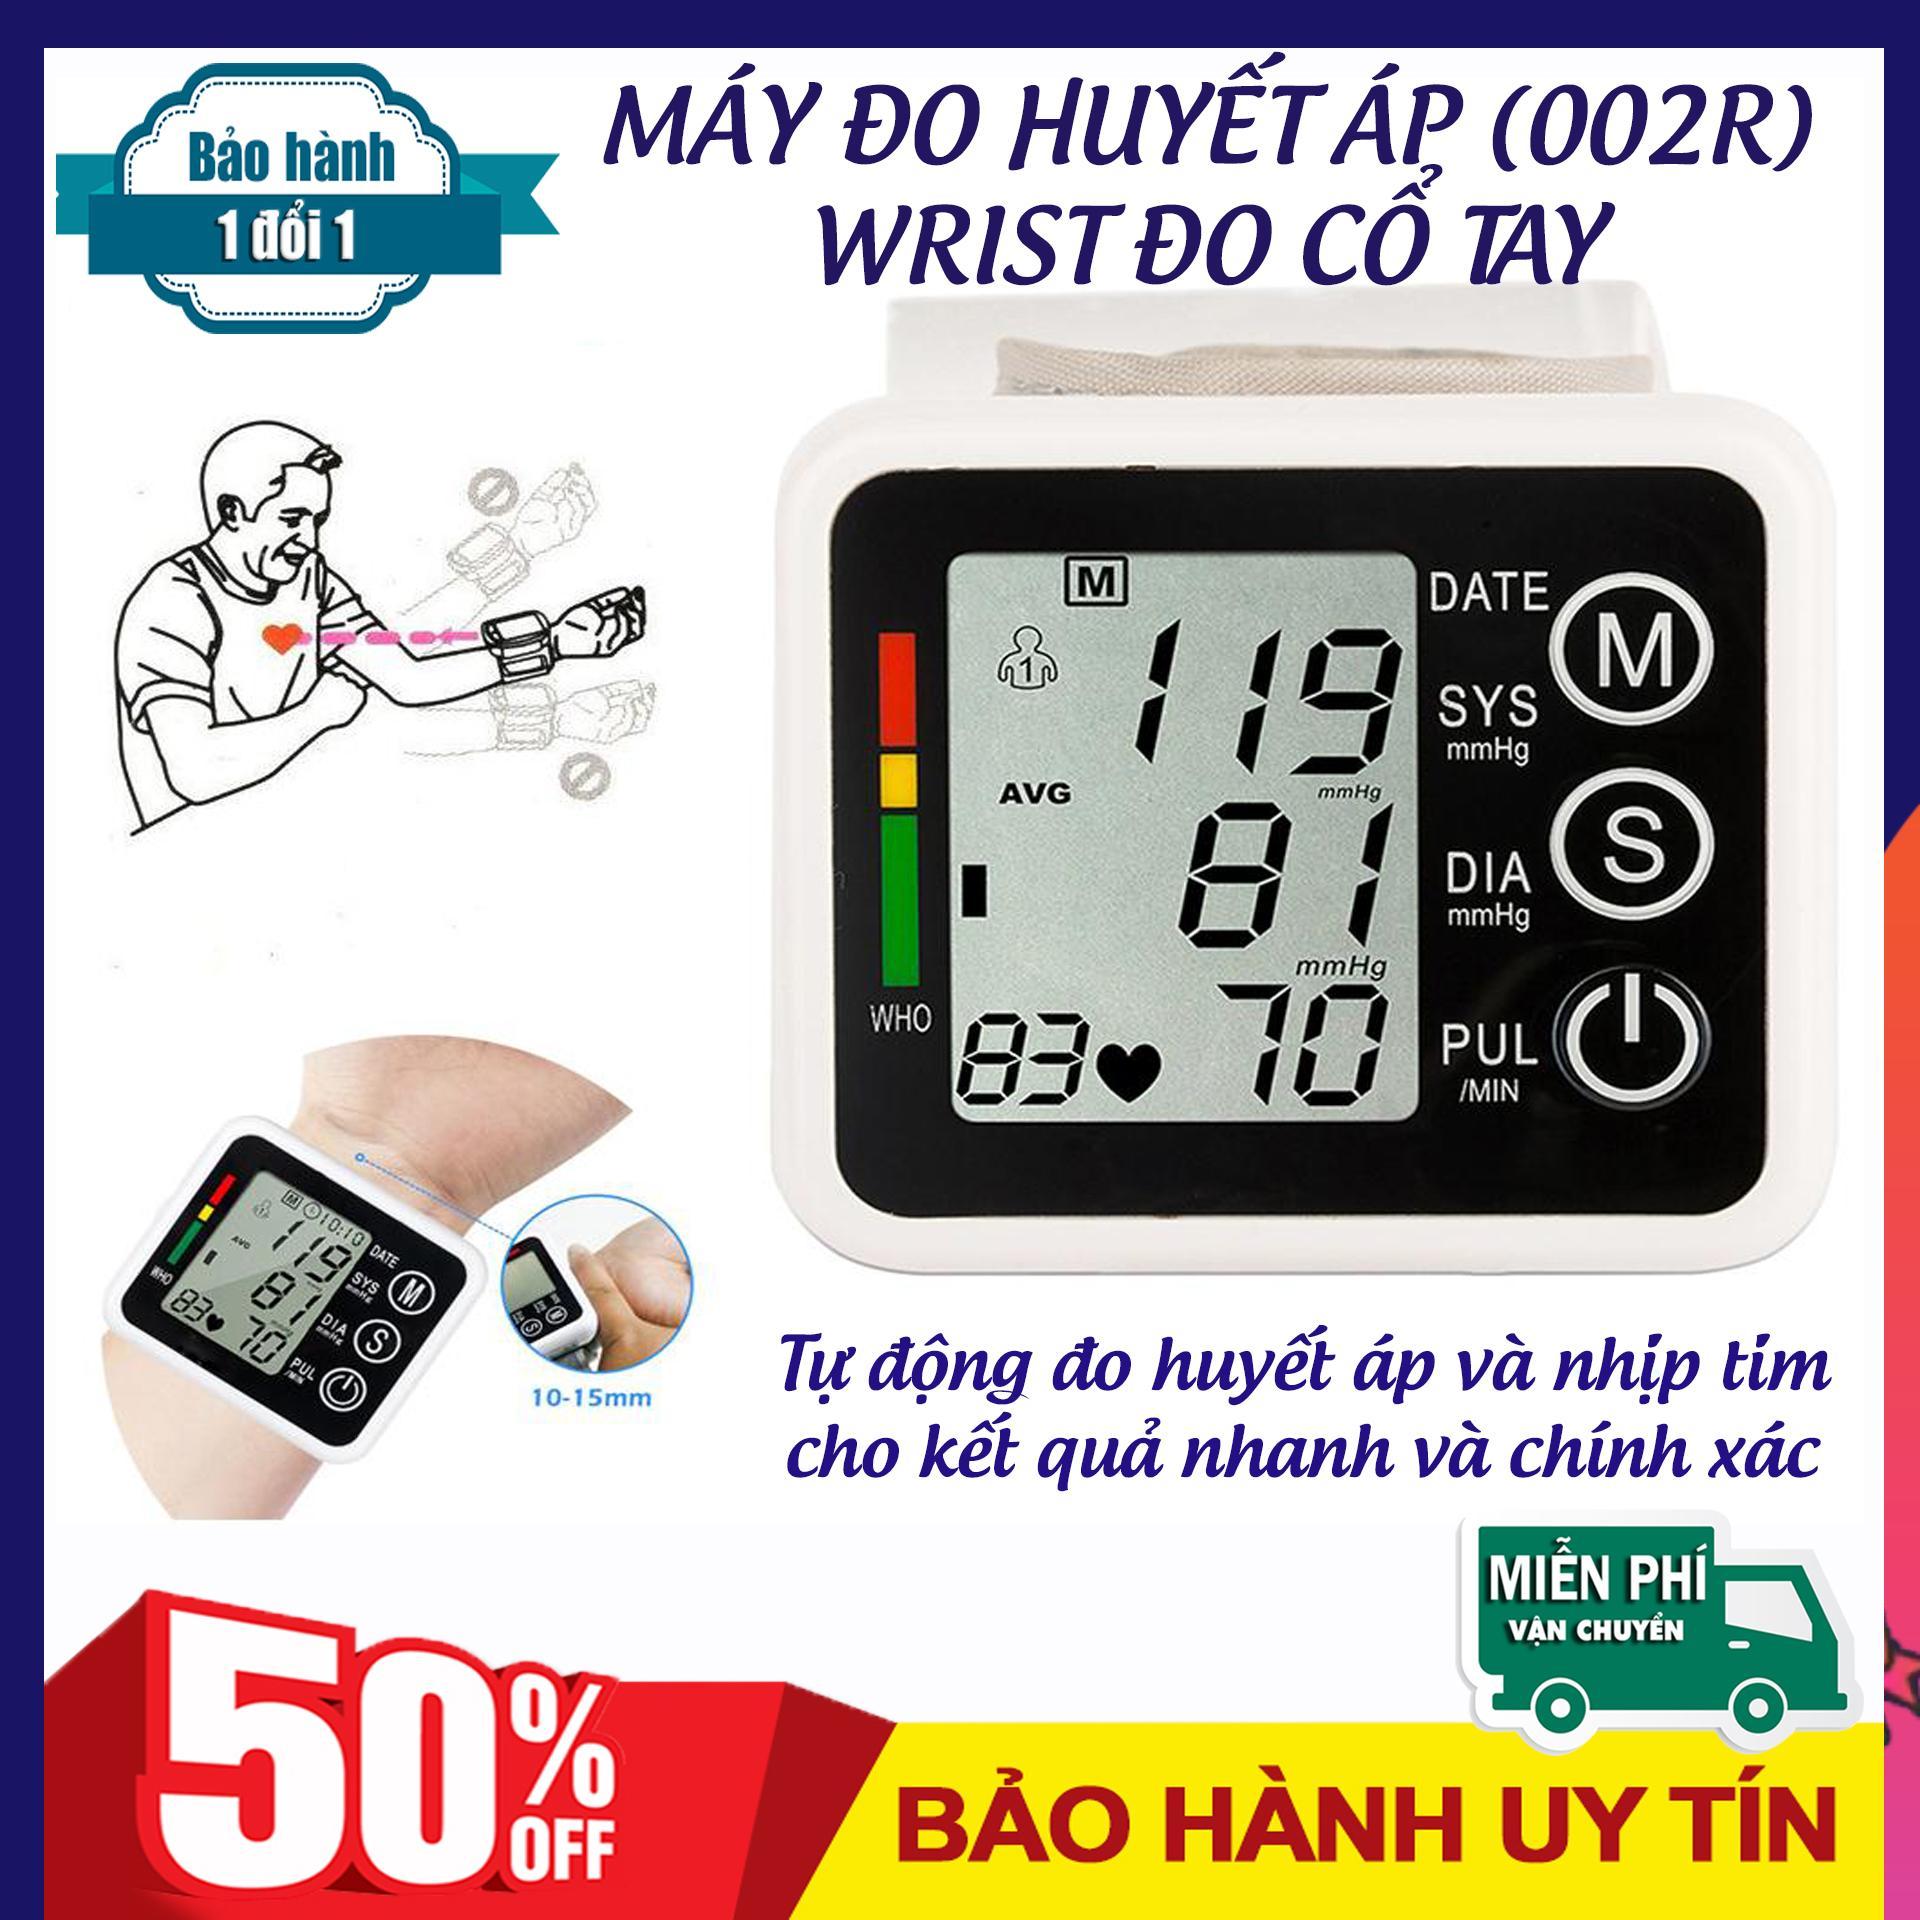 Máy đo Huyết Áp cầm tay, Máy đo Huyết áp dùng thế nào, Mua Máy WRIST đo huyết áp cho người cao tuổi. Là một thiết bị y tế cũng như món quà phù hợp cho người cao tuổi. Bảo hành 12 tháng.